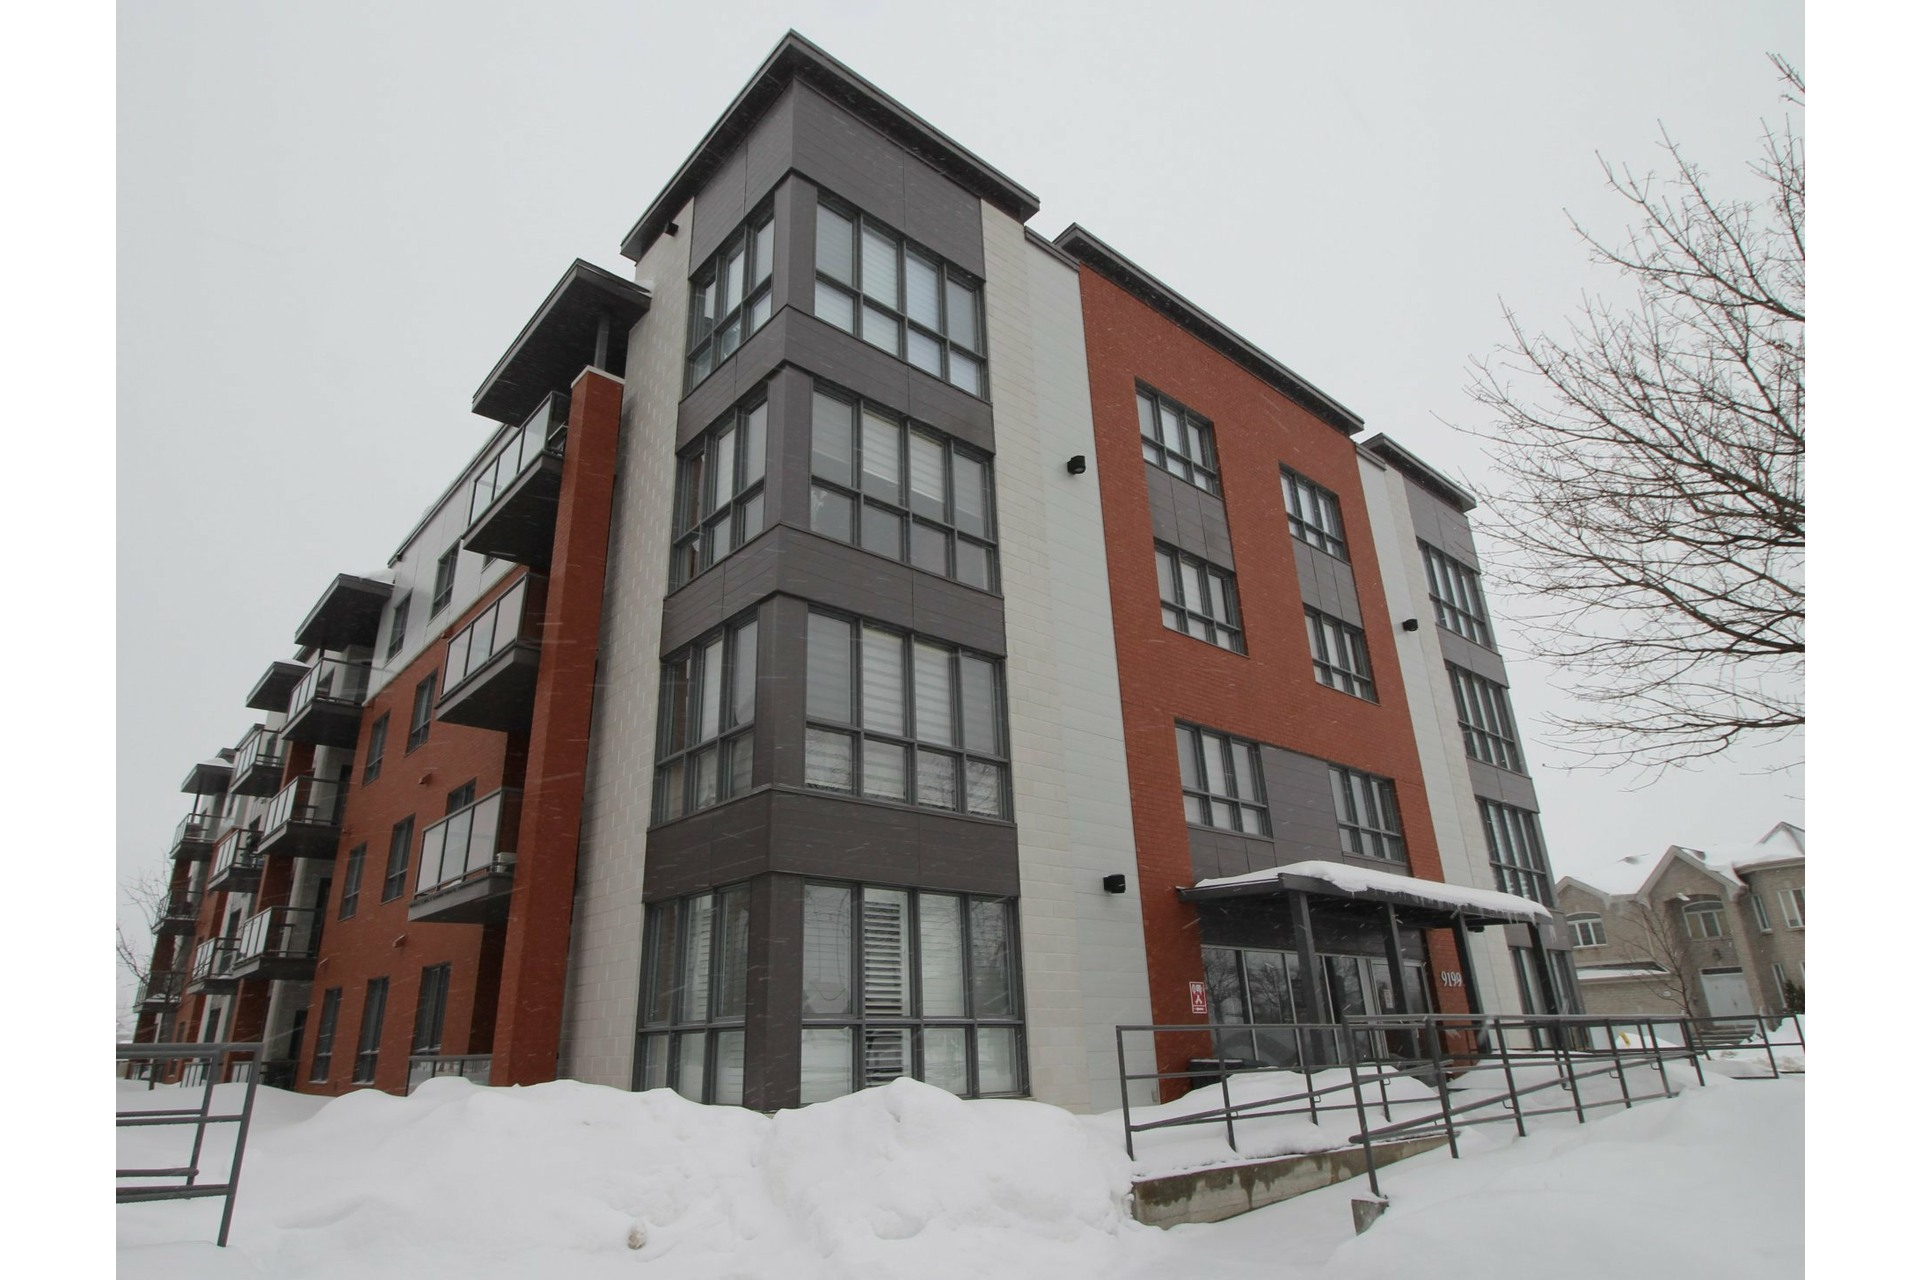 image 24 - Appartement À louer Rivière-des-Prairies/Pointe-aux-Trembles Montréal  - 6 pièces